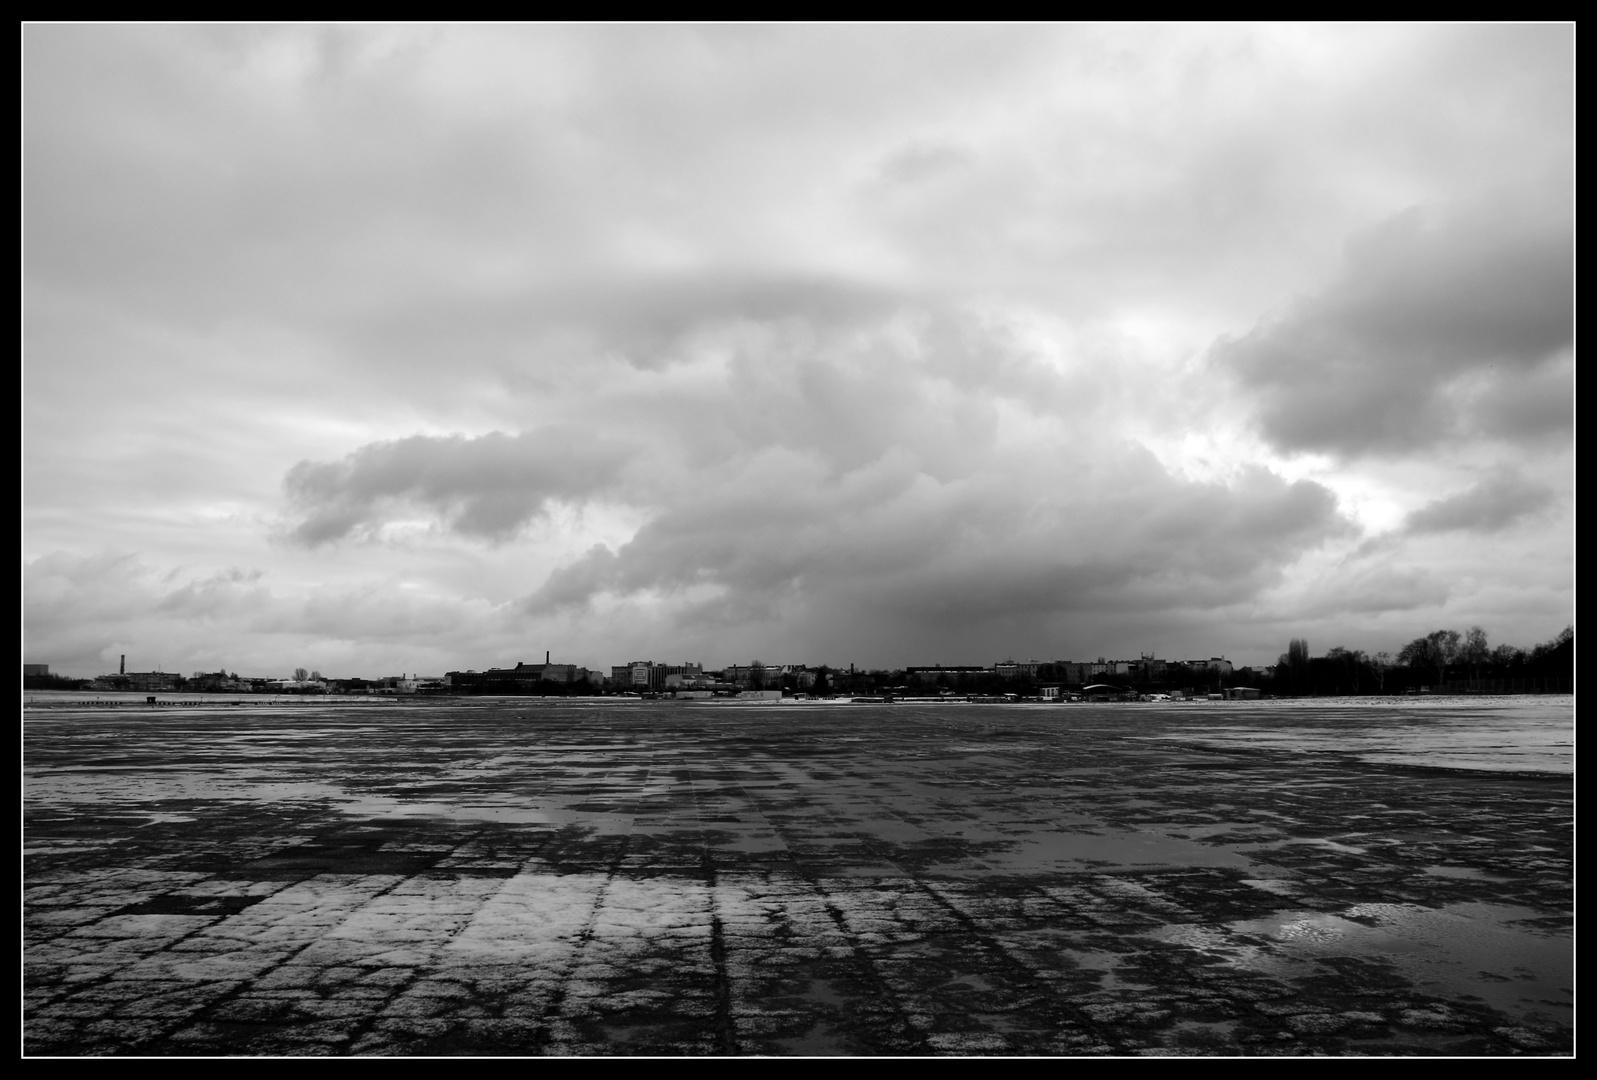 Flughafen Berlin - Tempelhof (10)